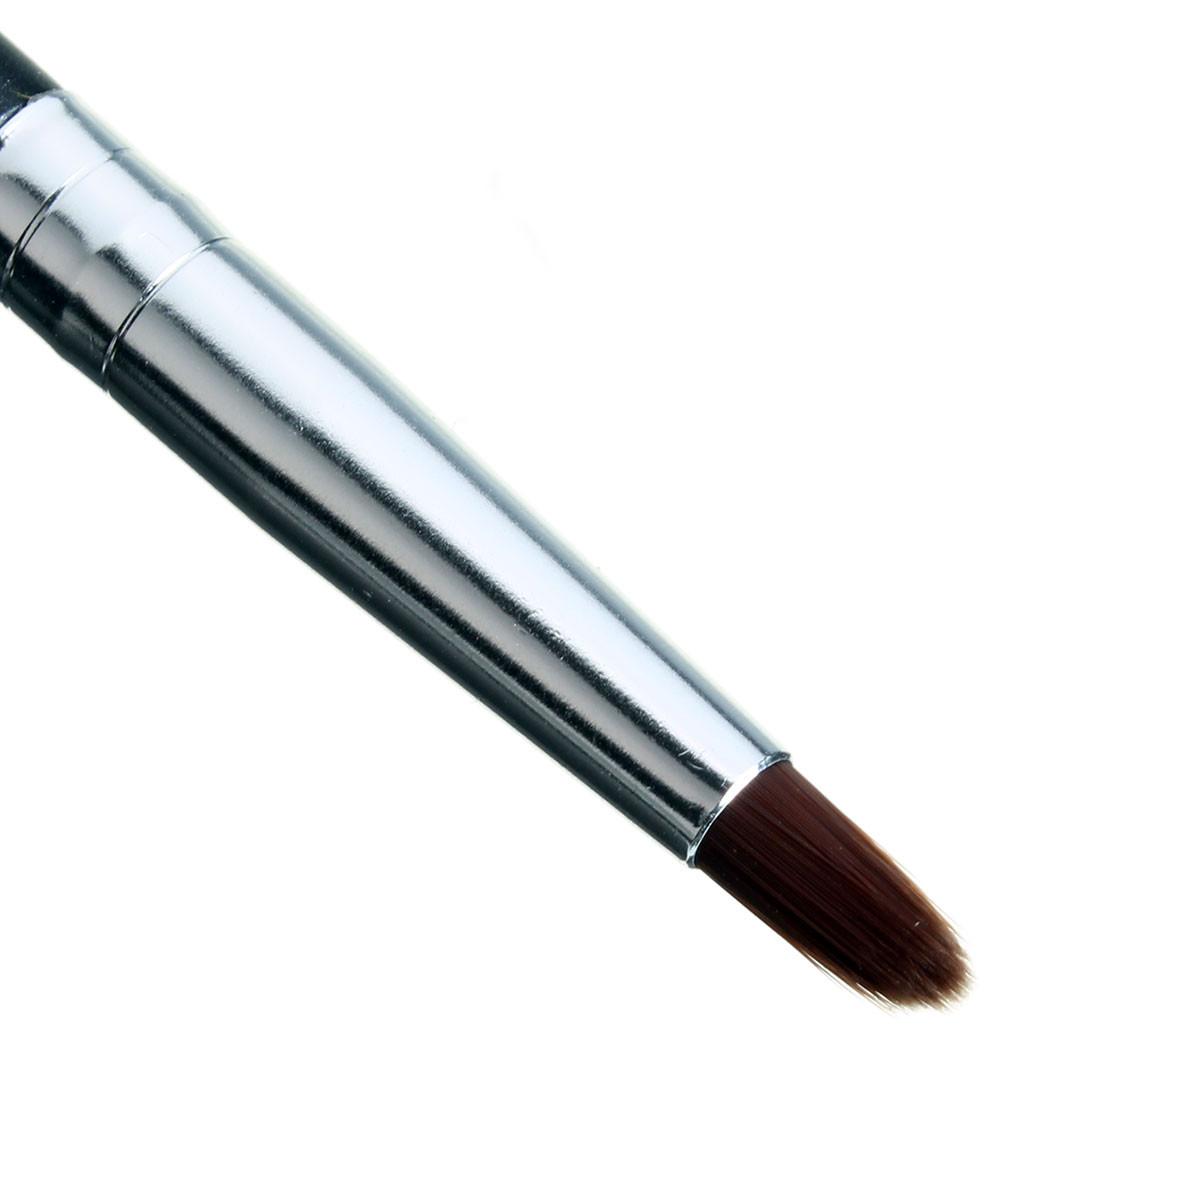 8Pcs Cosmetic Makeup Powder Foundation Eyeshadow Eyeliner Lip Brushes Kit